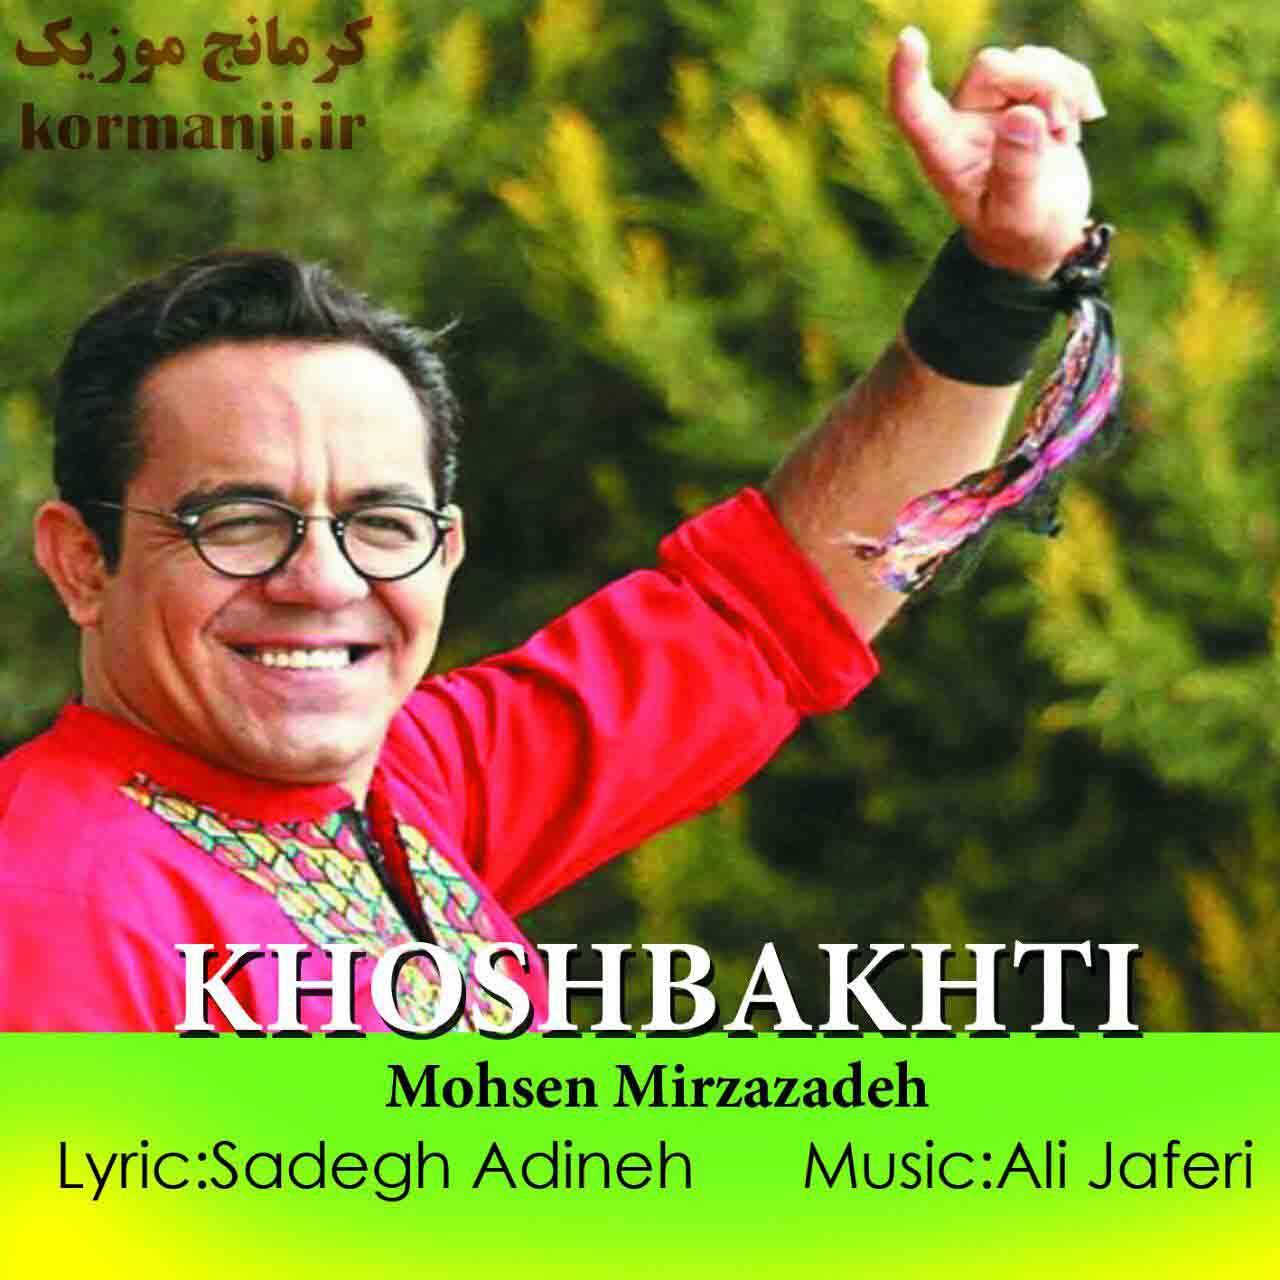 آهنگ زیبا از محسن میرزازاده به نام خوشبختی در کرمانج موزیک